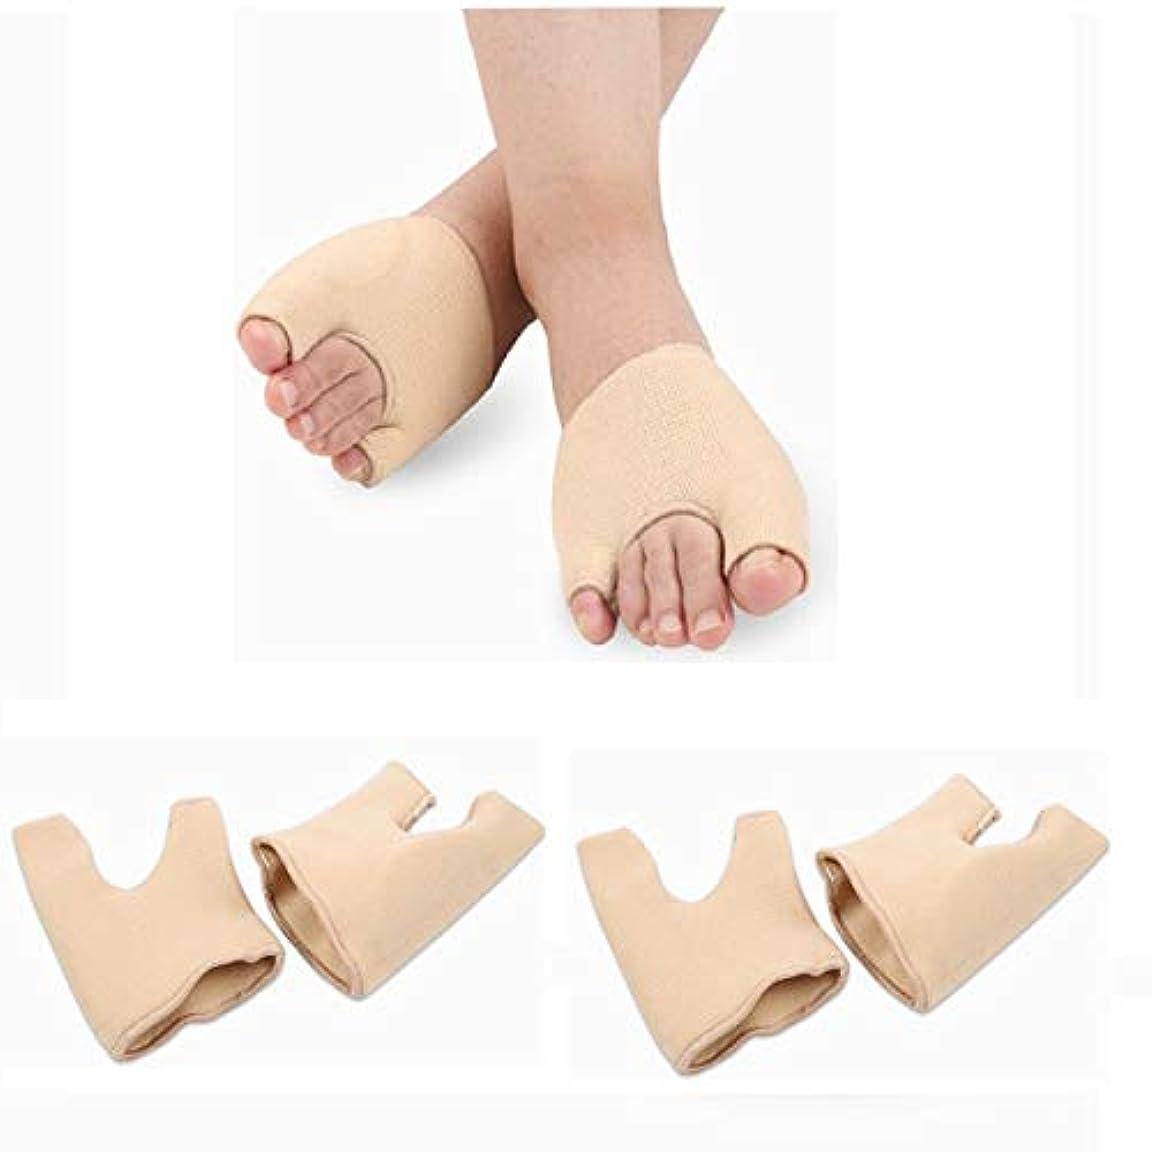 福祉肘掛け椅子反対Hellery 2組の女性は、ブレースの袖を保護するパッド入りの外反母趾の腱膜瘤をゲル化